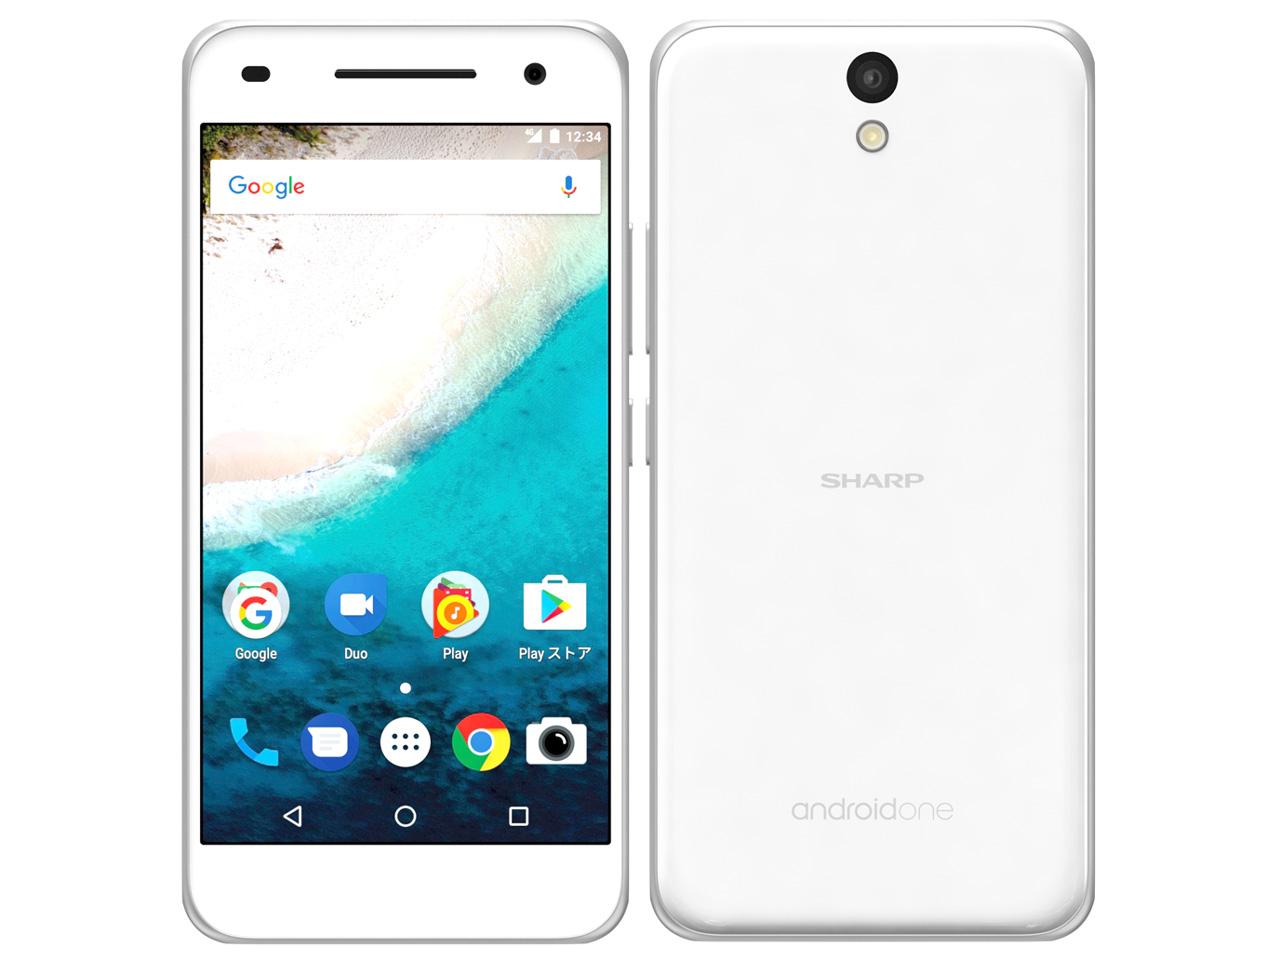 Android One S1 ワイモバイル [ホワイト] の製品画像